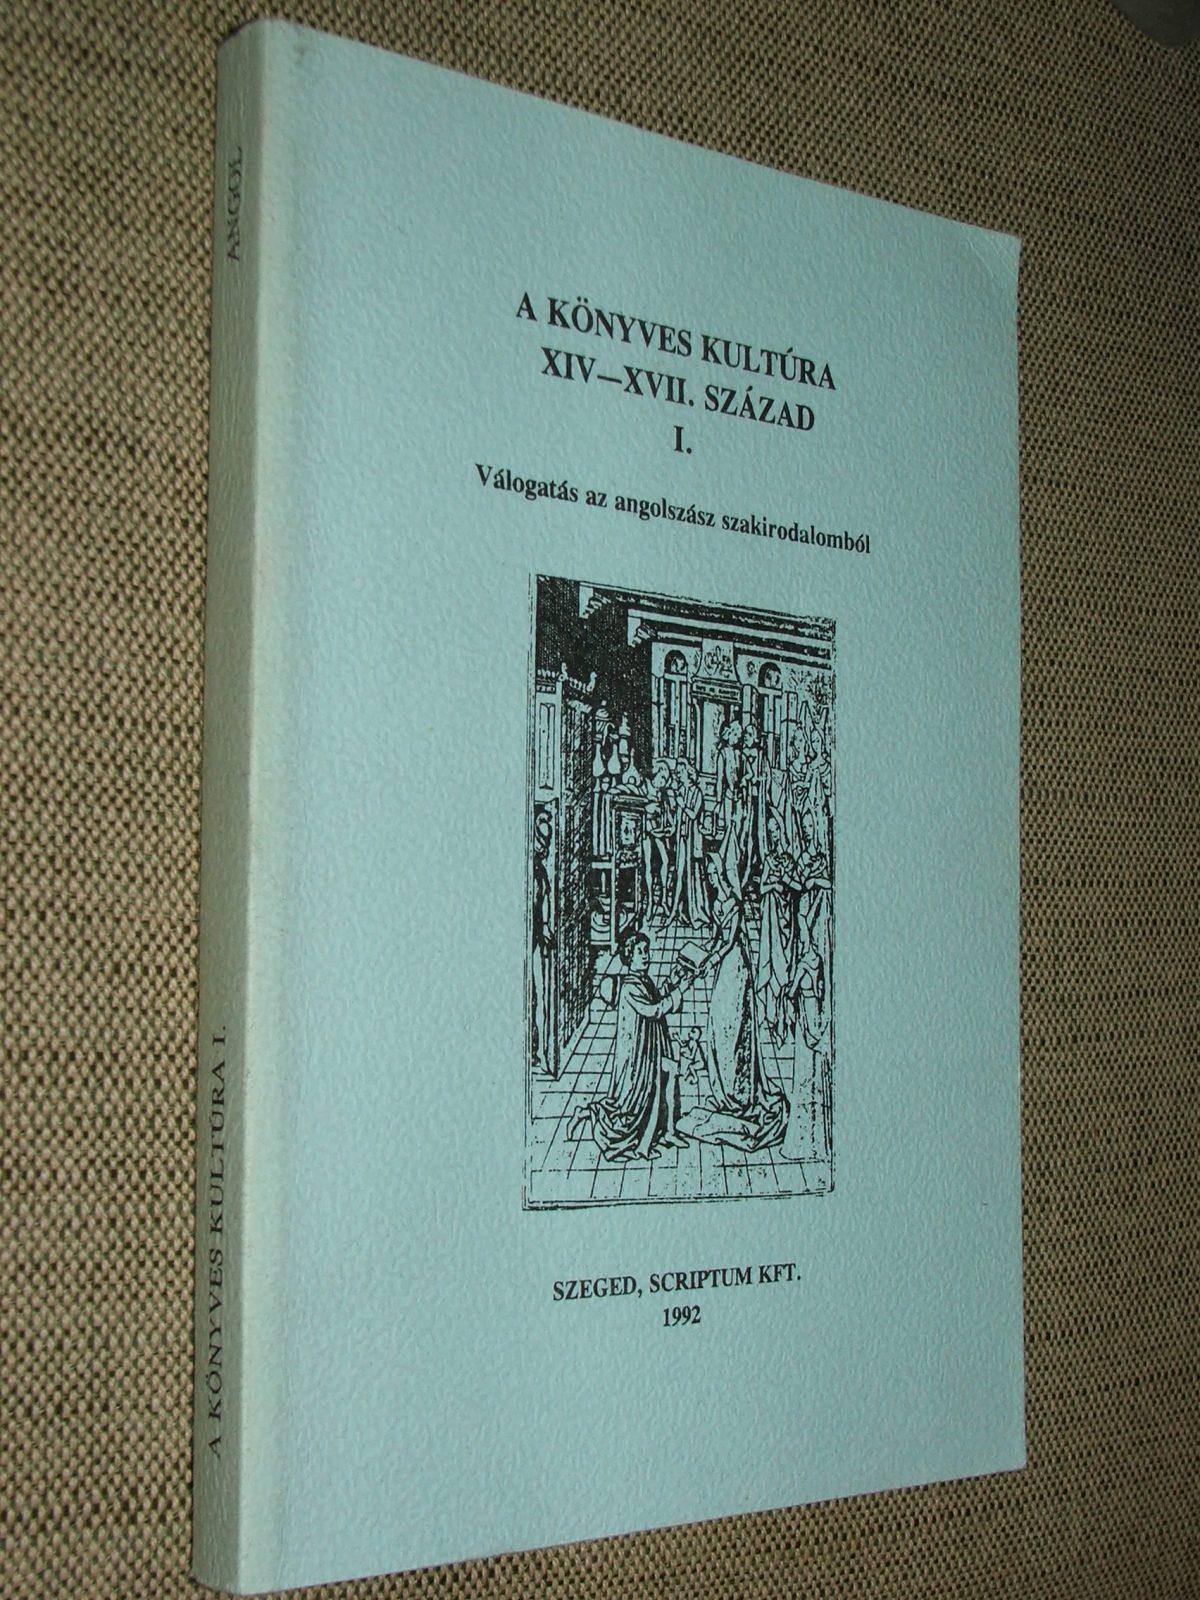 MONOK István, SZABÓ Enéh: Válogatás az angolszász szakirodalomból